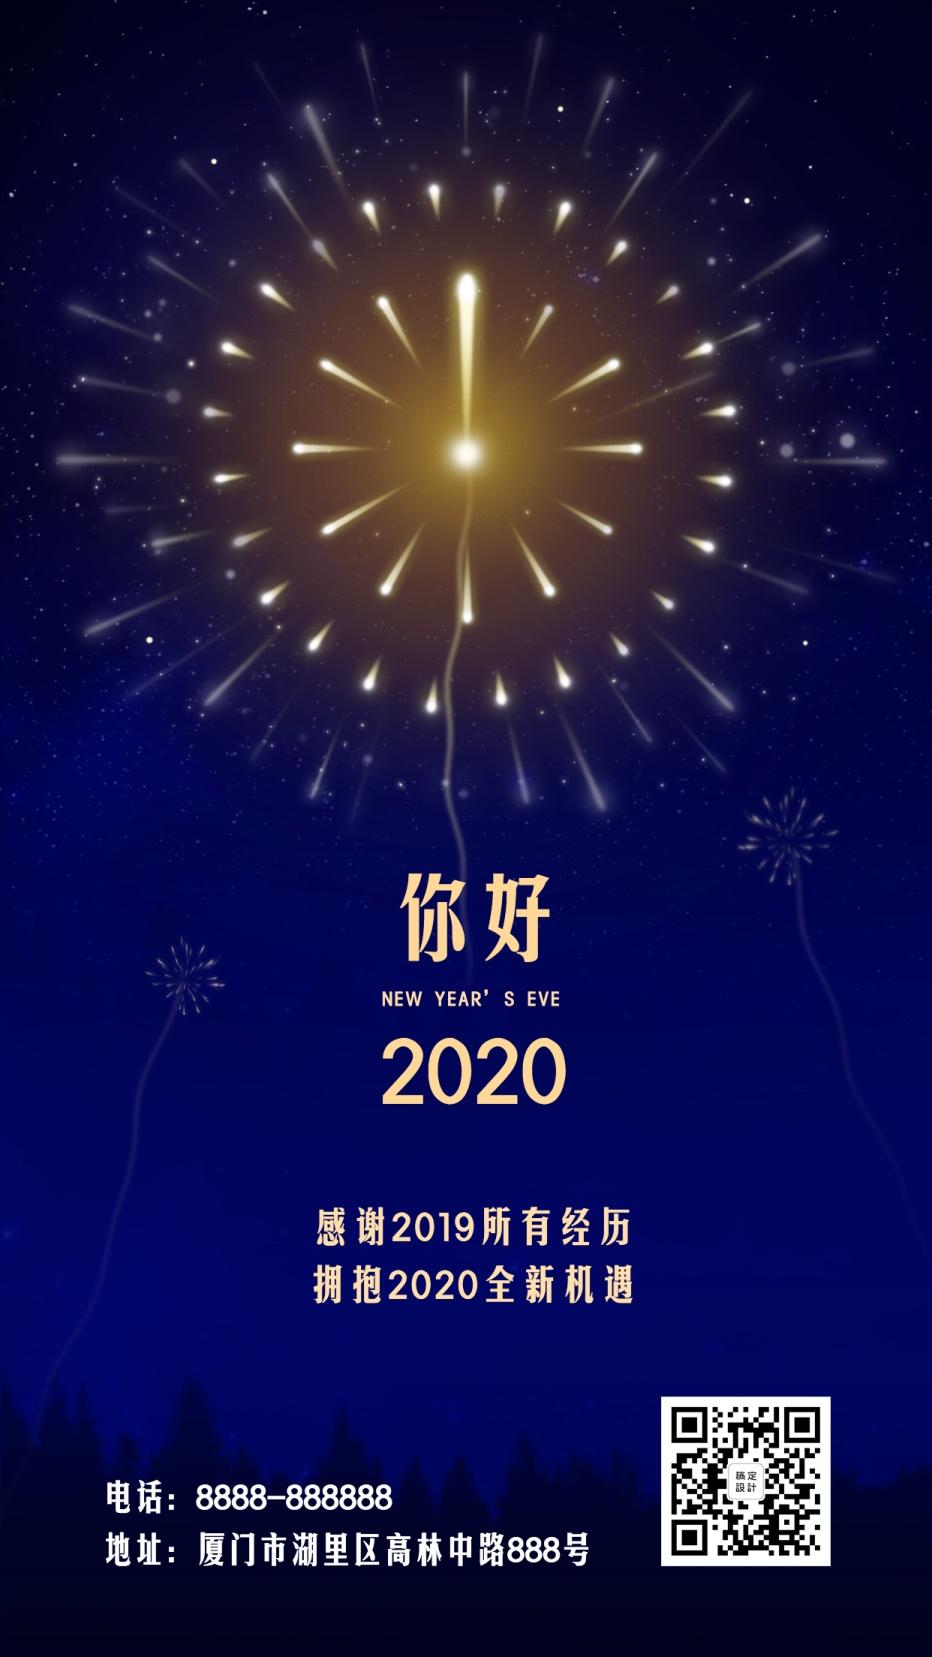 2020元旦跨年新年祝福蓝金简约商务风手绘手机海报